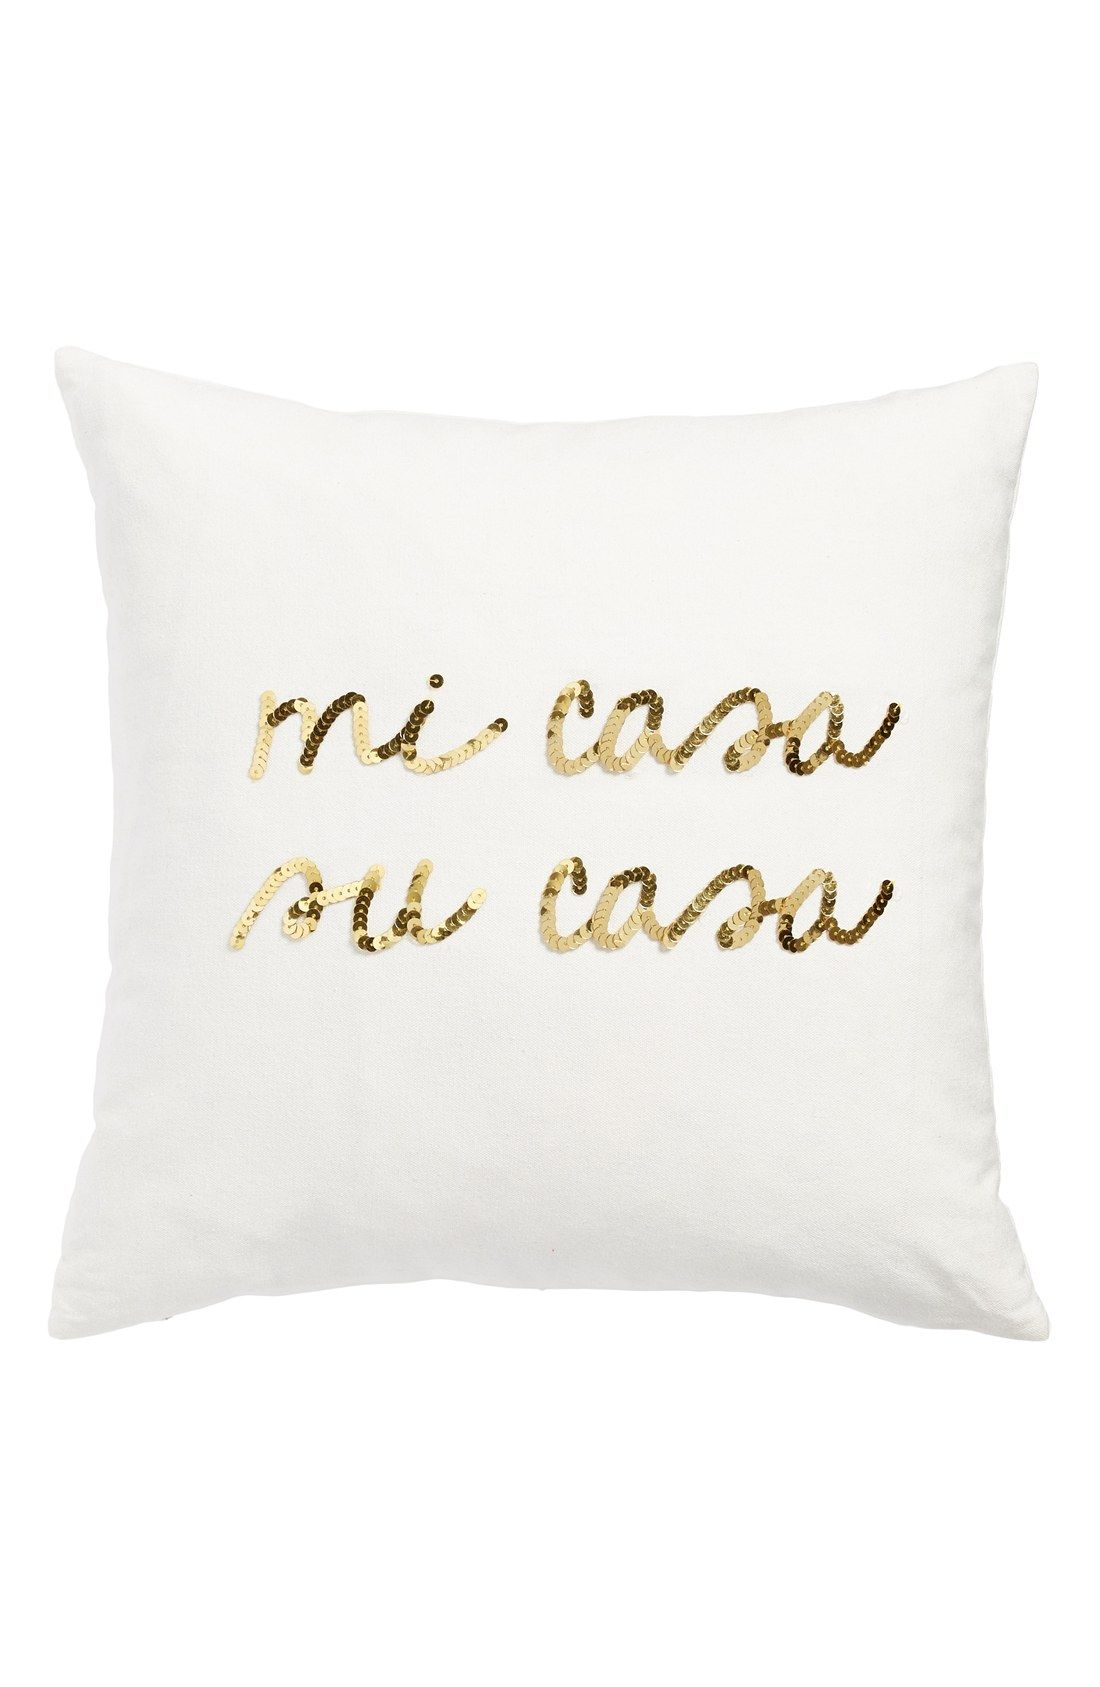 Bow Drape Mi Casa Su Casa Pillow Pillows Decor Home